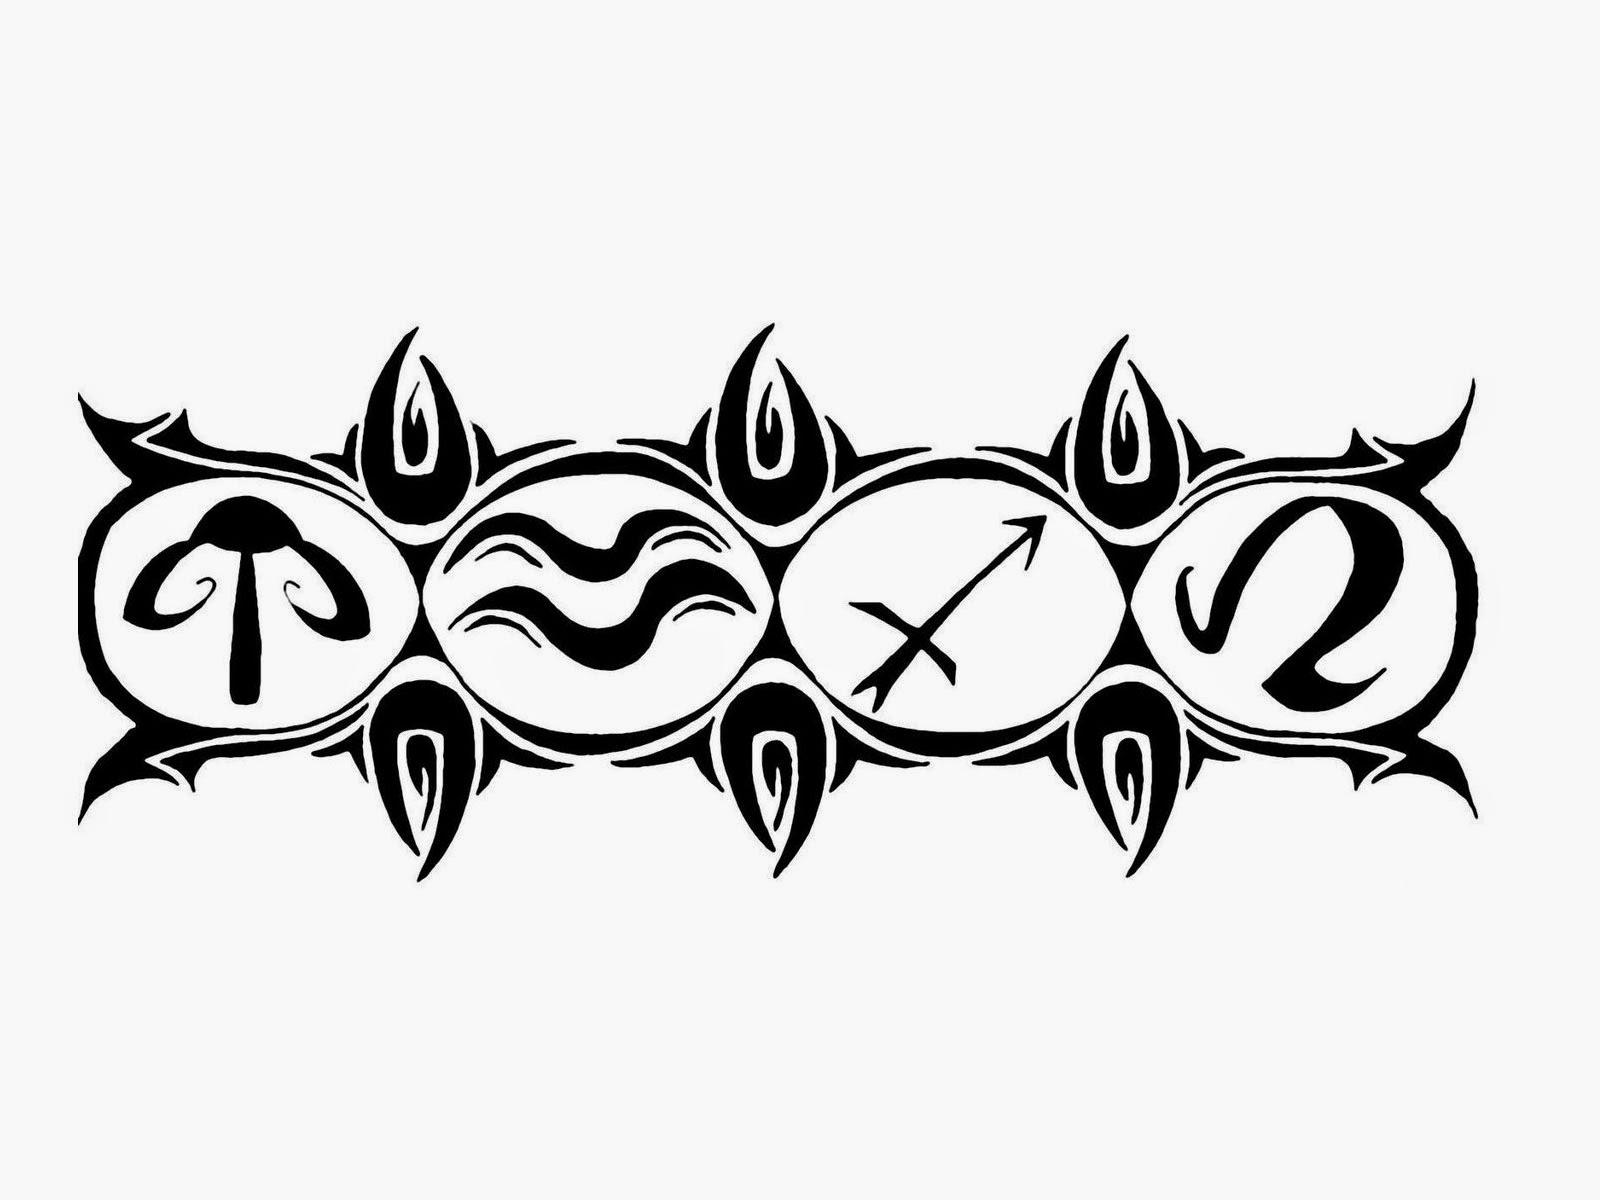 Armband Tattoo, Armband Tattoo Designs, Armband Tattoo Designs for Men, Zodiac Sign Armband Tattoo Designs